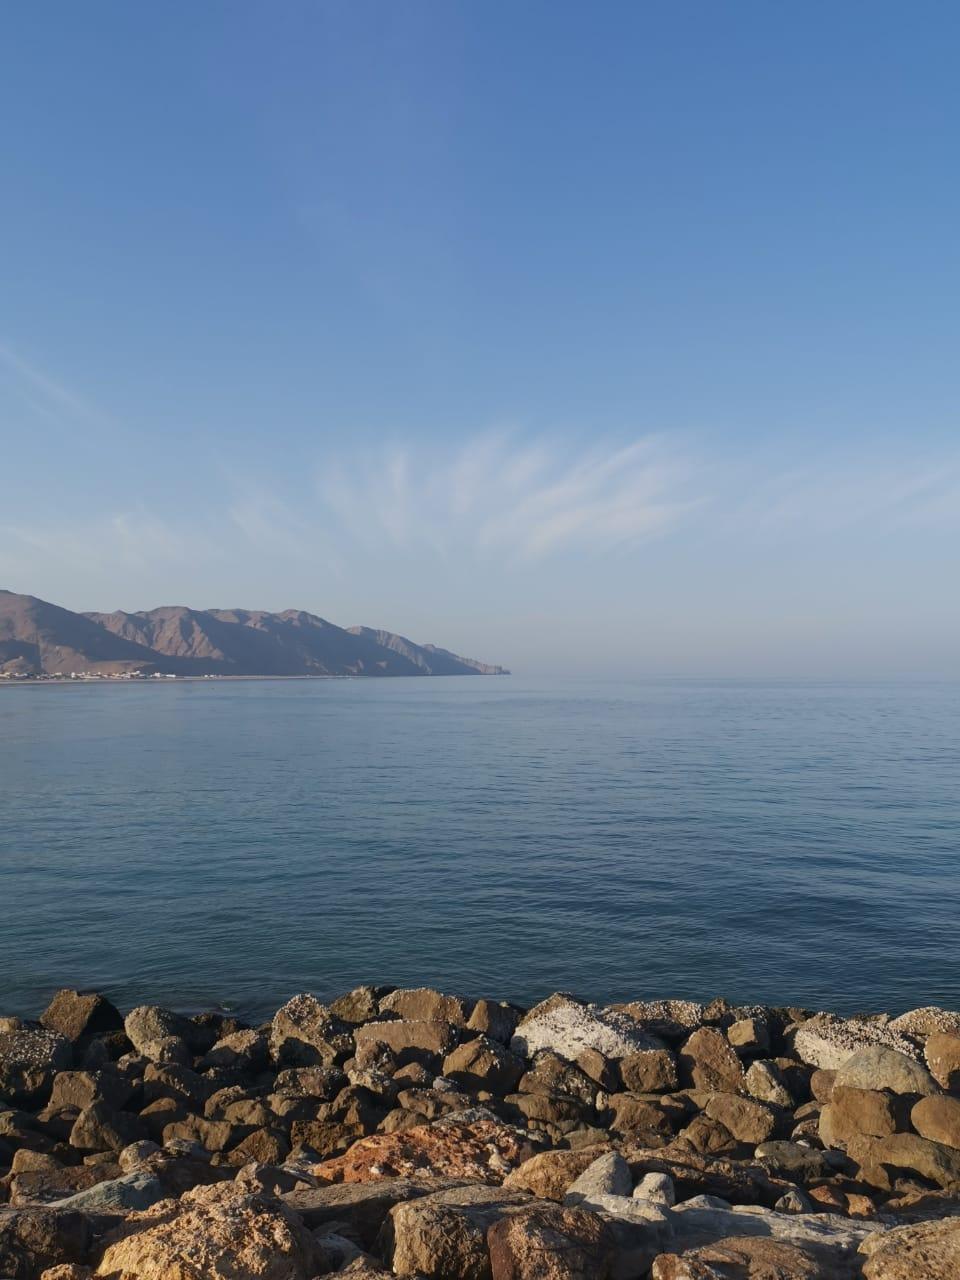 Jebel sifah shore.jpg